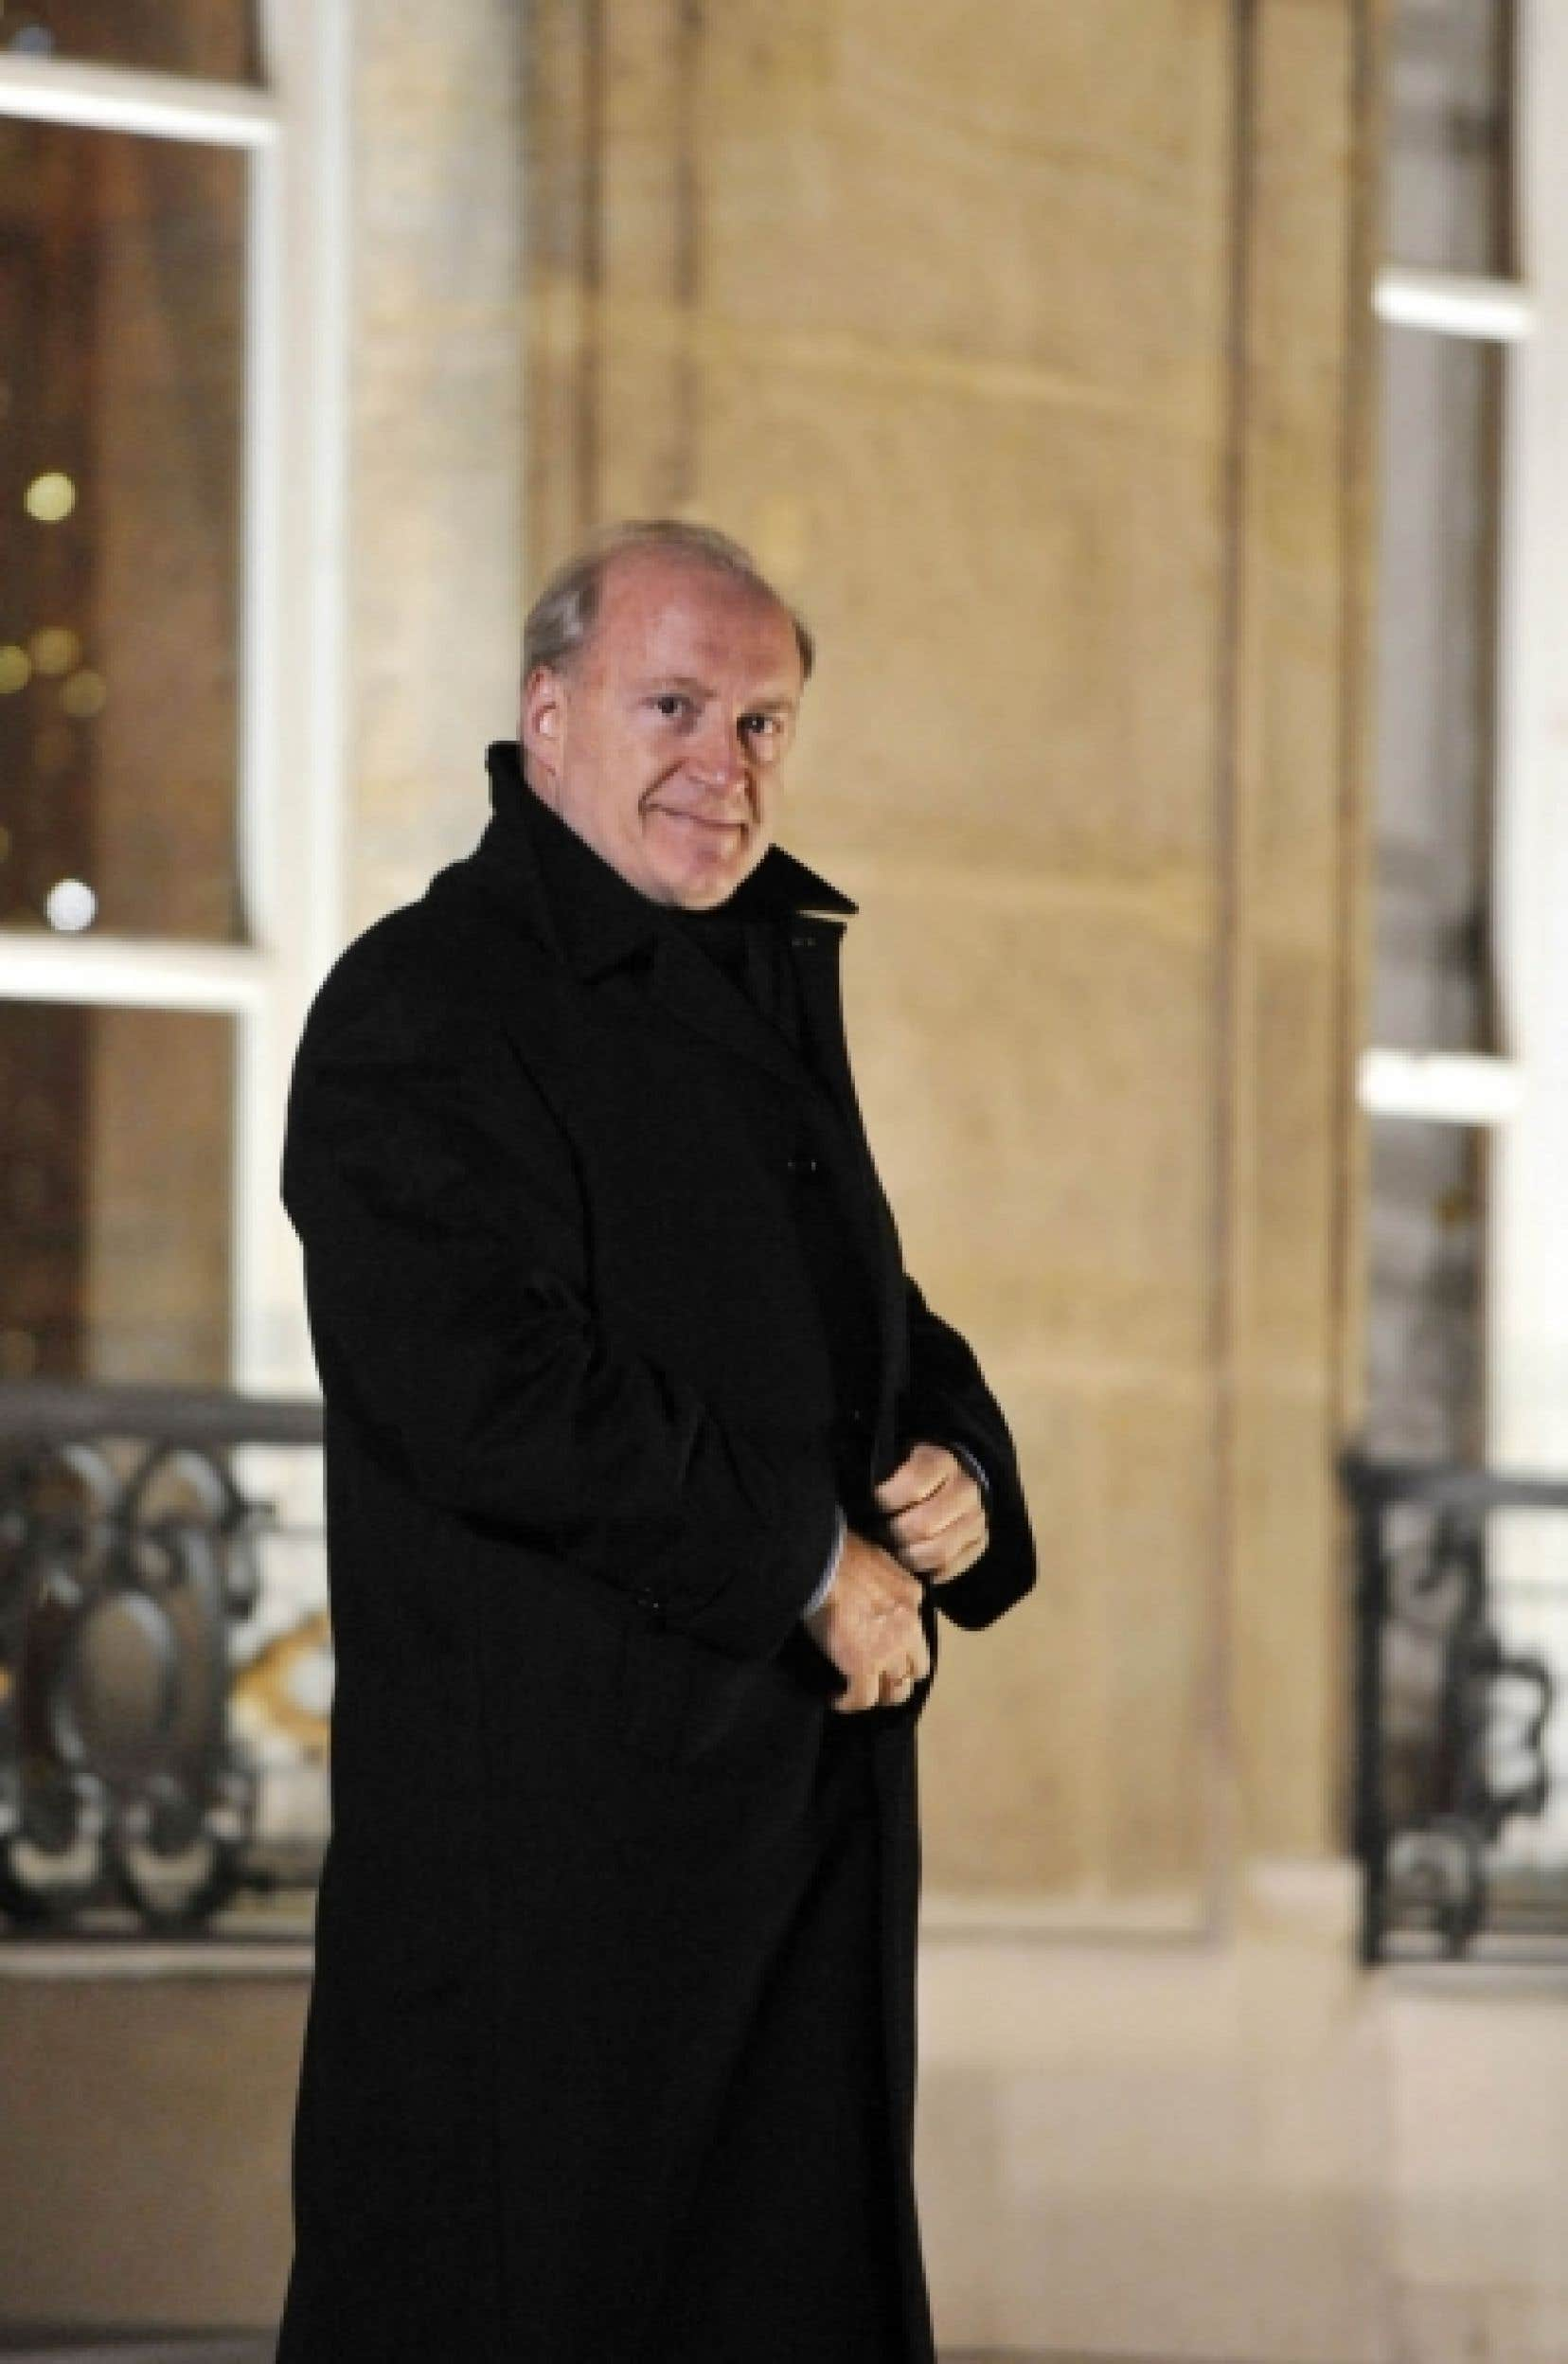 Le diplomate et homme politique français Hubert Védrine a travaillé auprès de François Mitterrand et Jacques Chirac. <br />